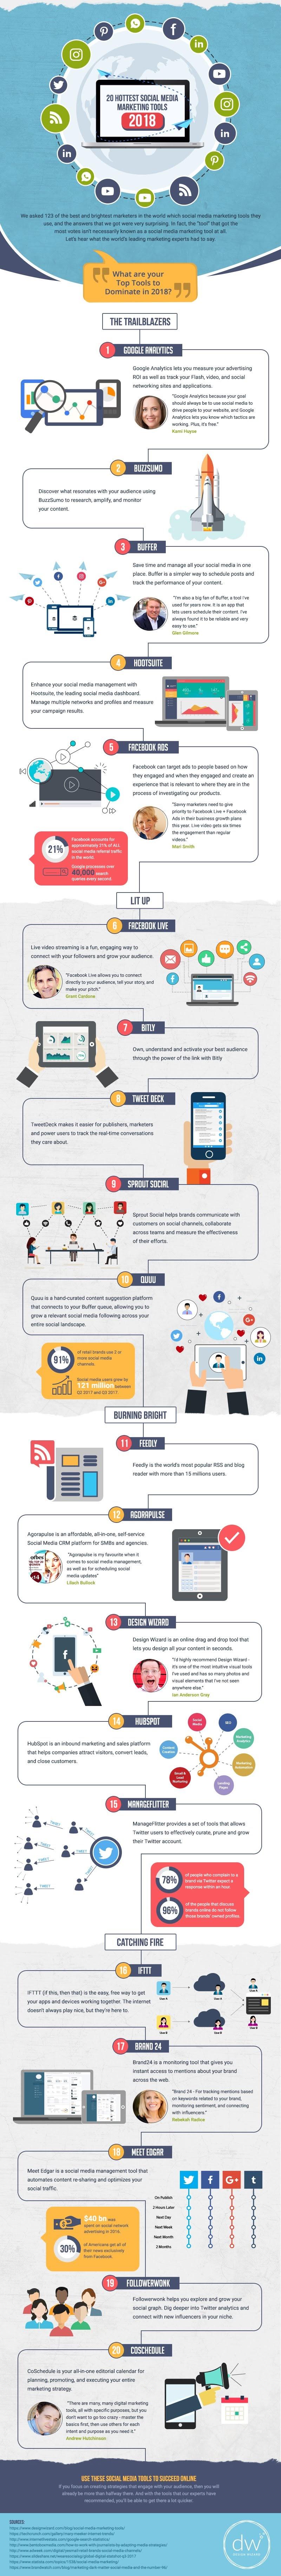 20 herramientas de social media marketing que están dominando el mercado digital